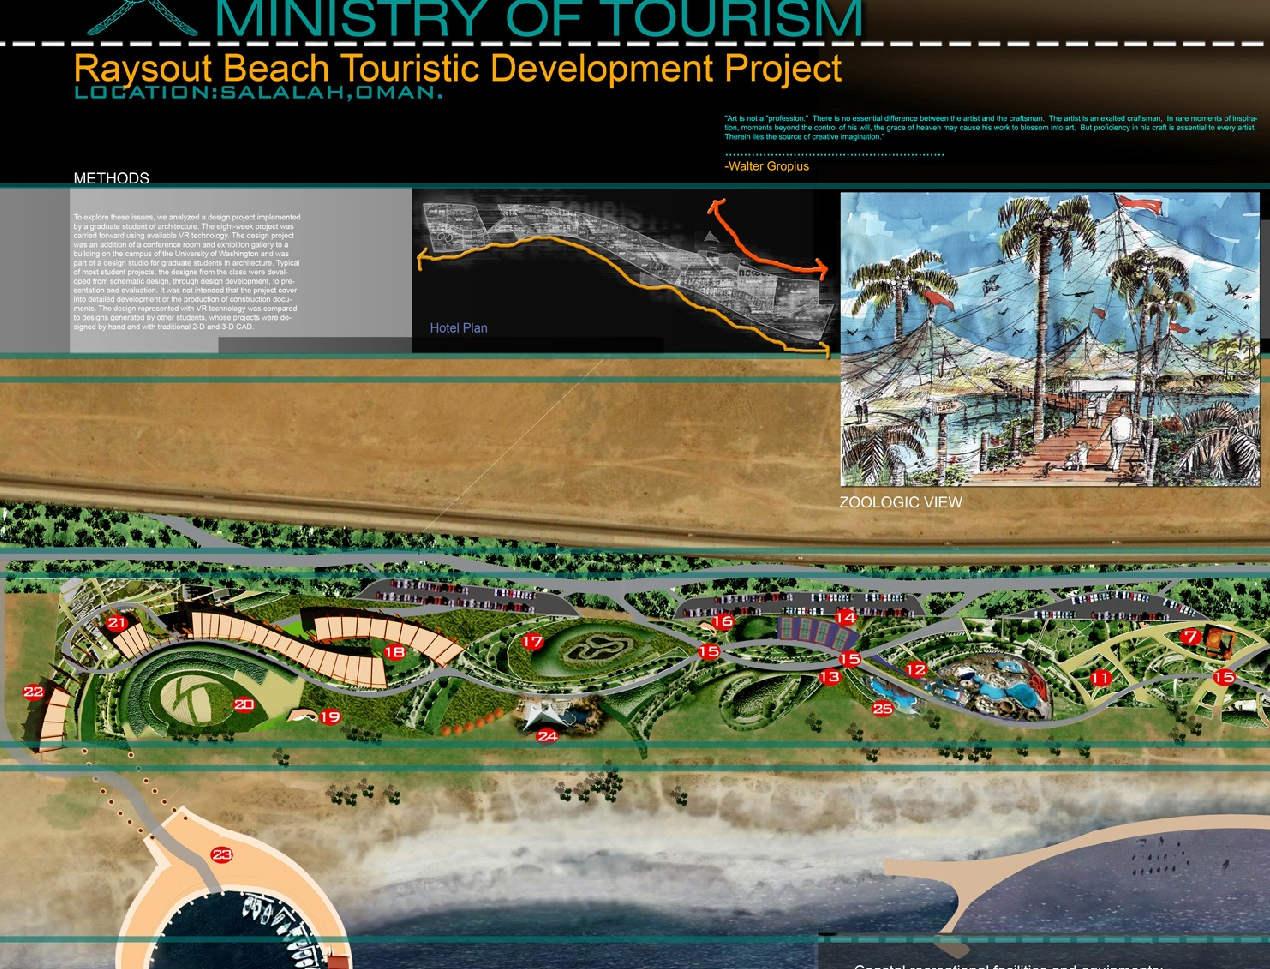 Salalah Touristic Complex